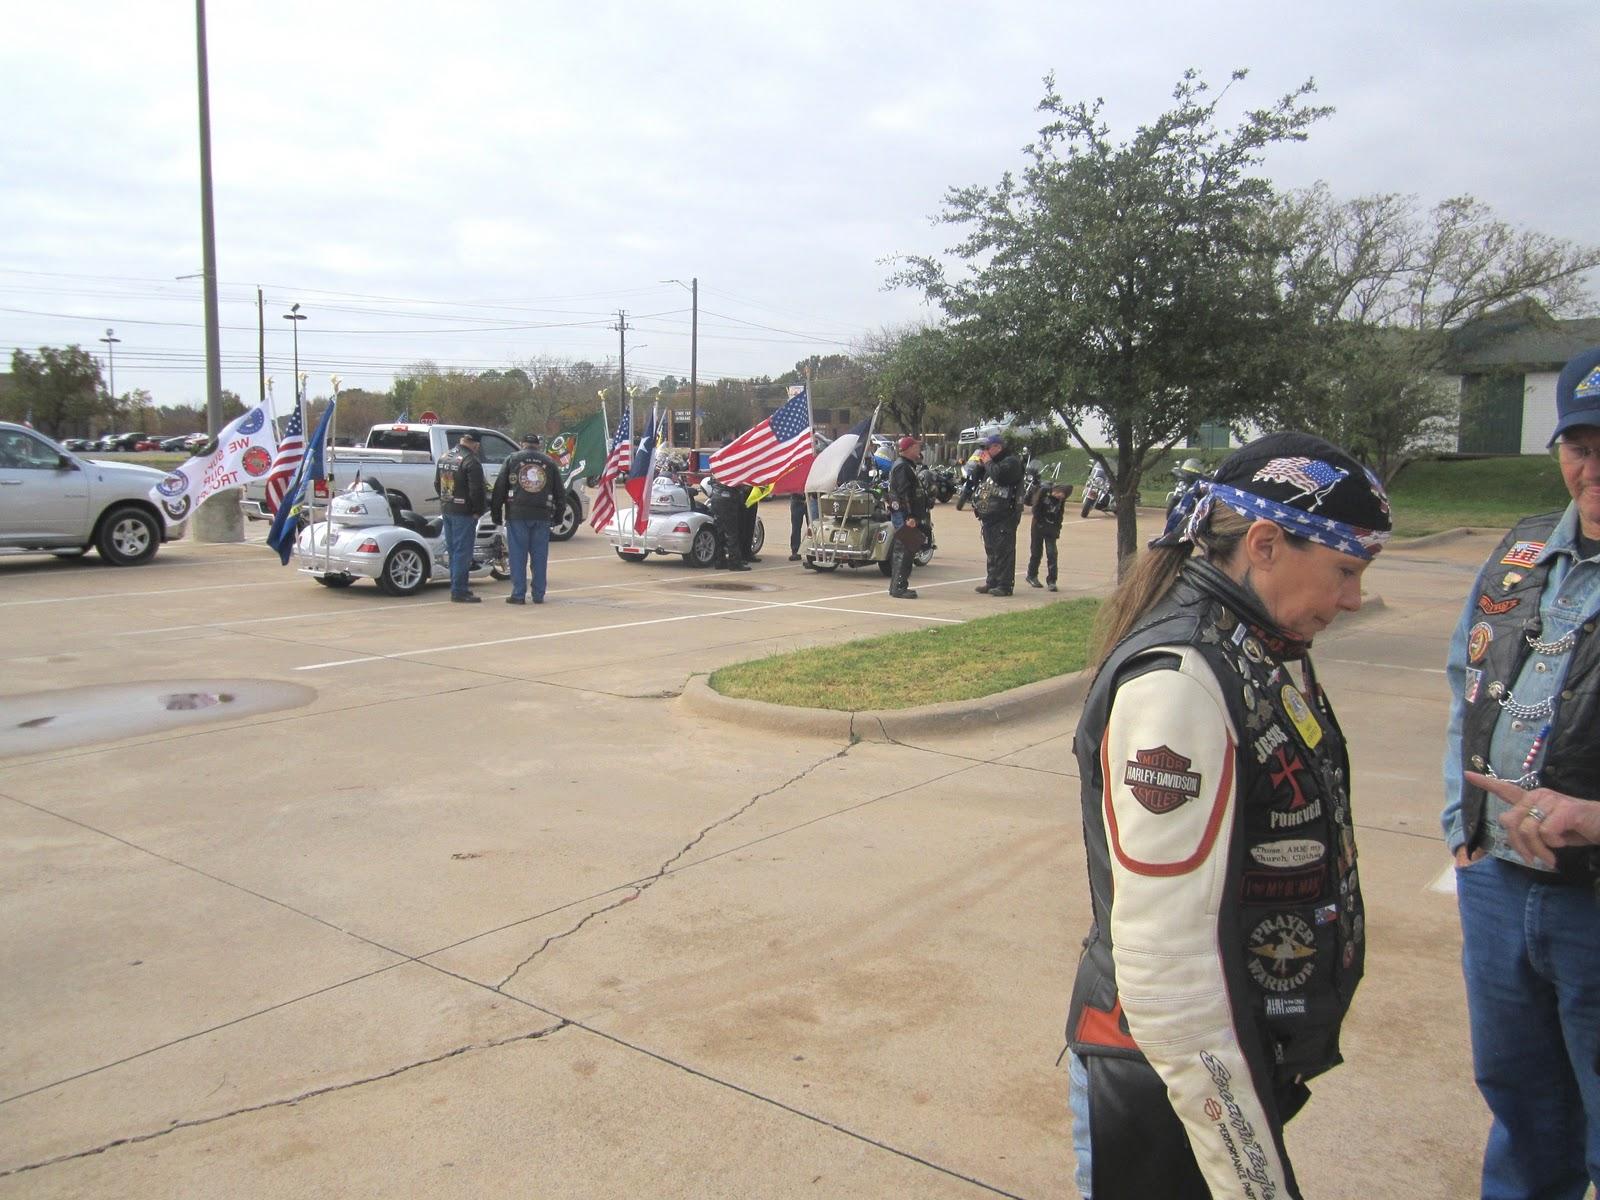 North texas bikers v pgr mission wichita falls texas t for Tattoo shops in wichita falls tx